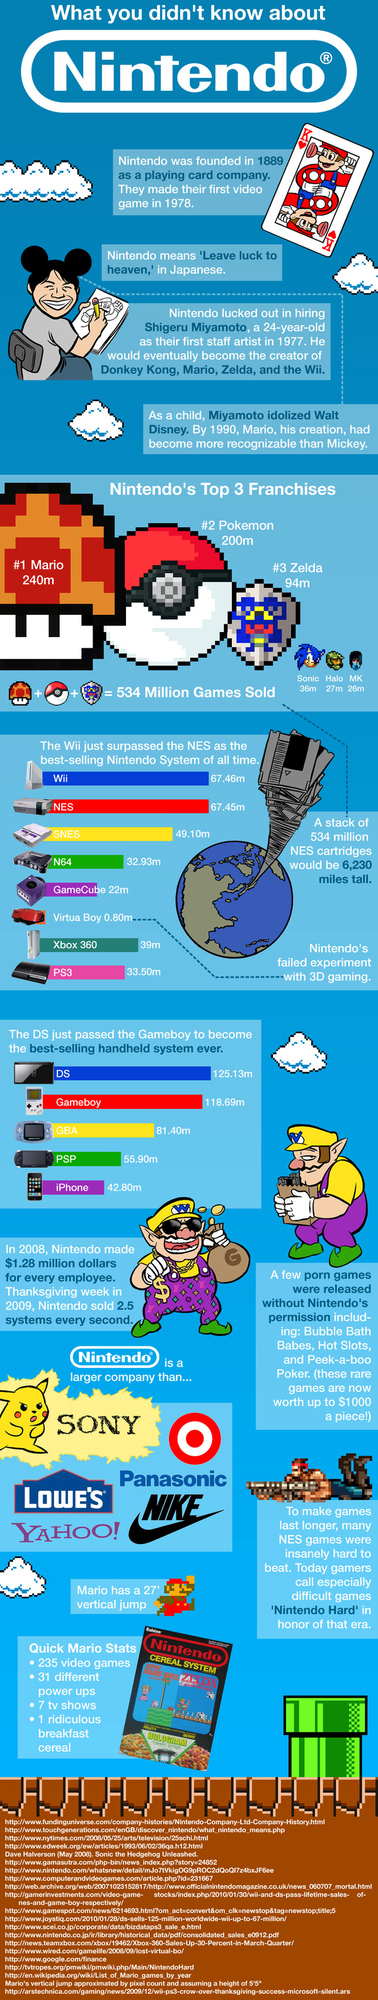 nintendo_infographic